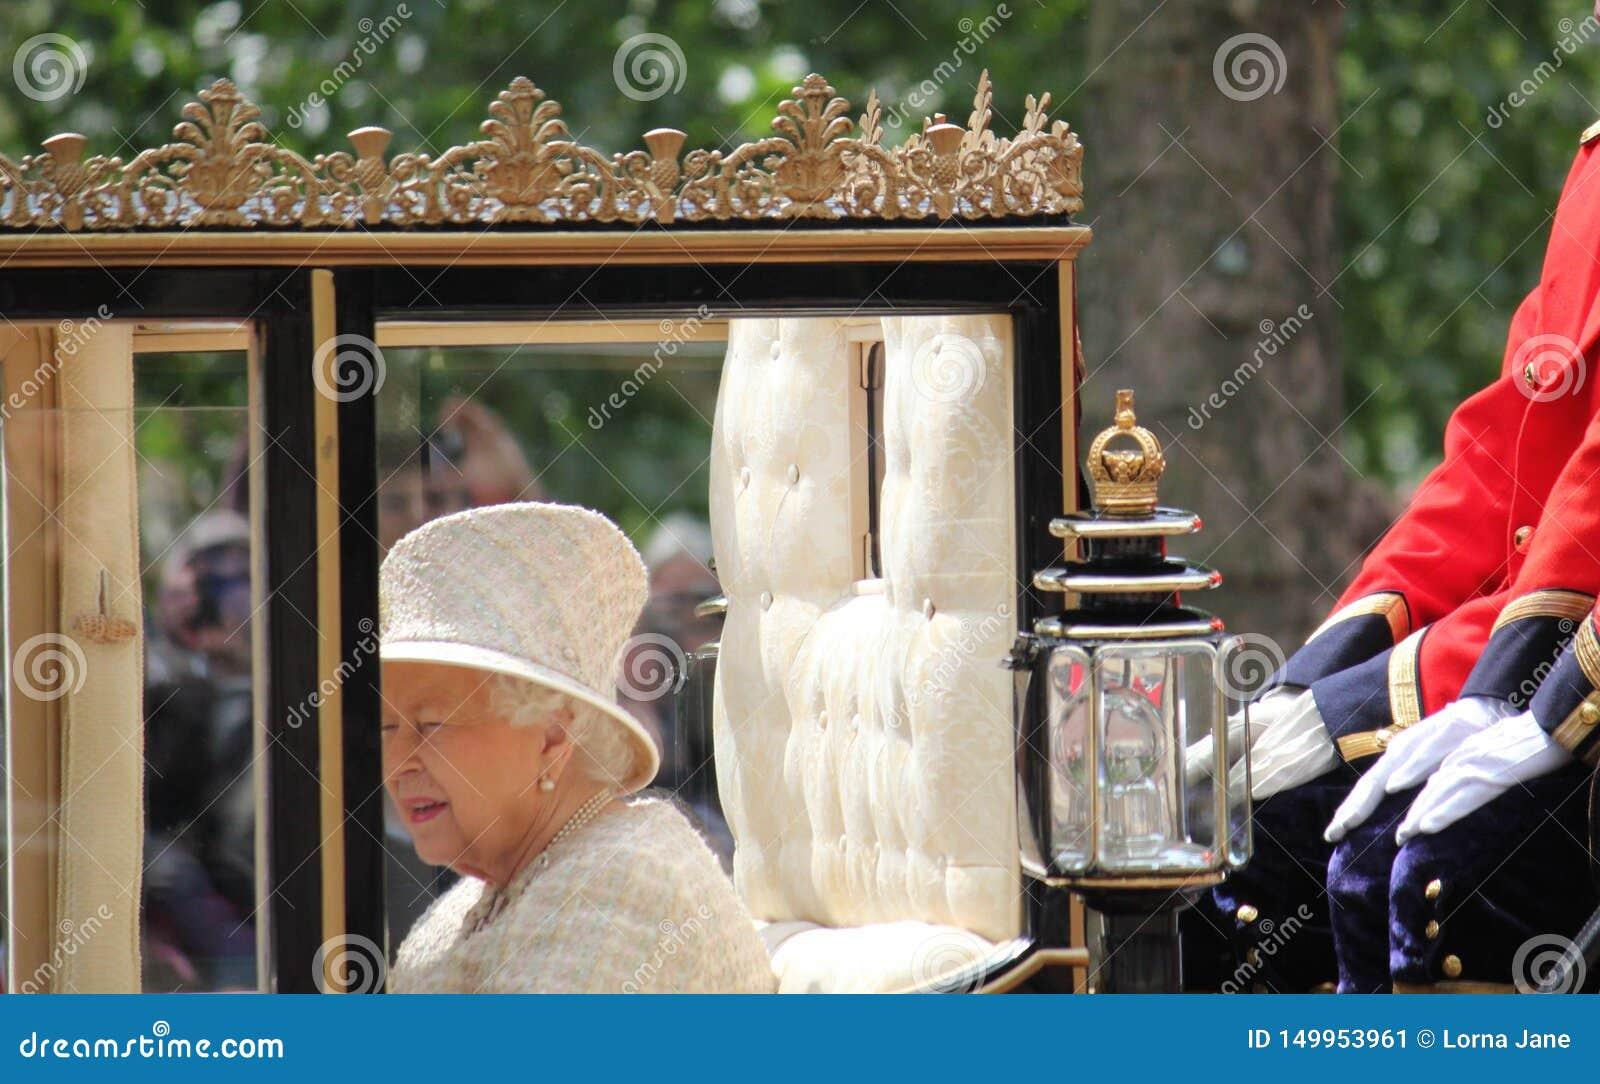 Βασίλισσα Elizabeth, Λονδίνο UK, στις 8 Ιουνίου 2019 - βασίλισσα Elizabeth Trooping η φωτογραφία Τύπου αποθεμάτων του Buckingham